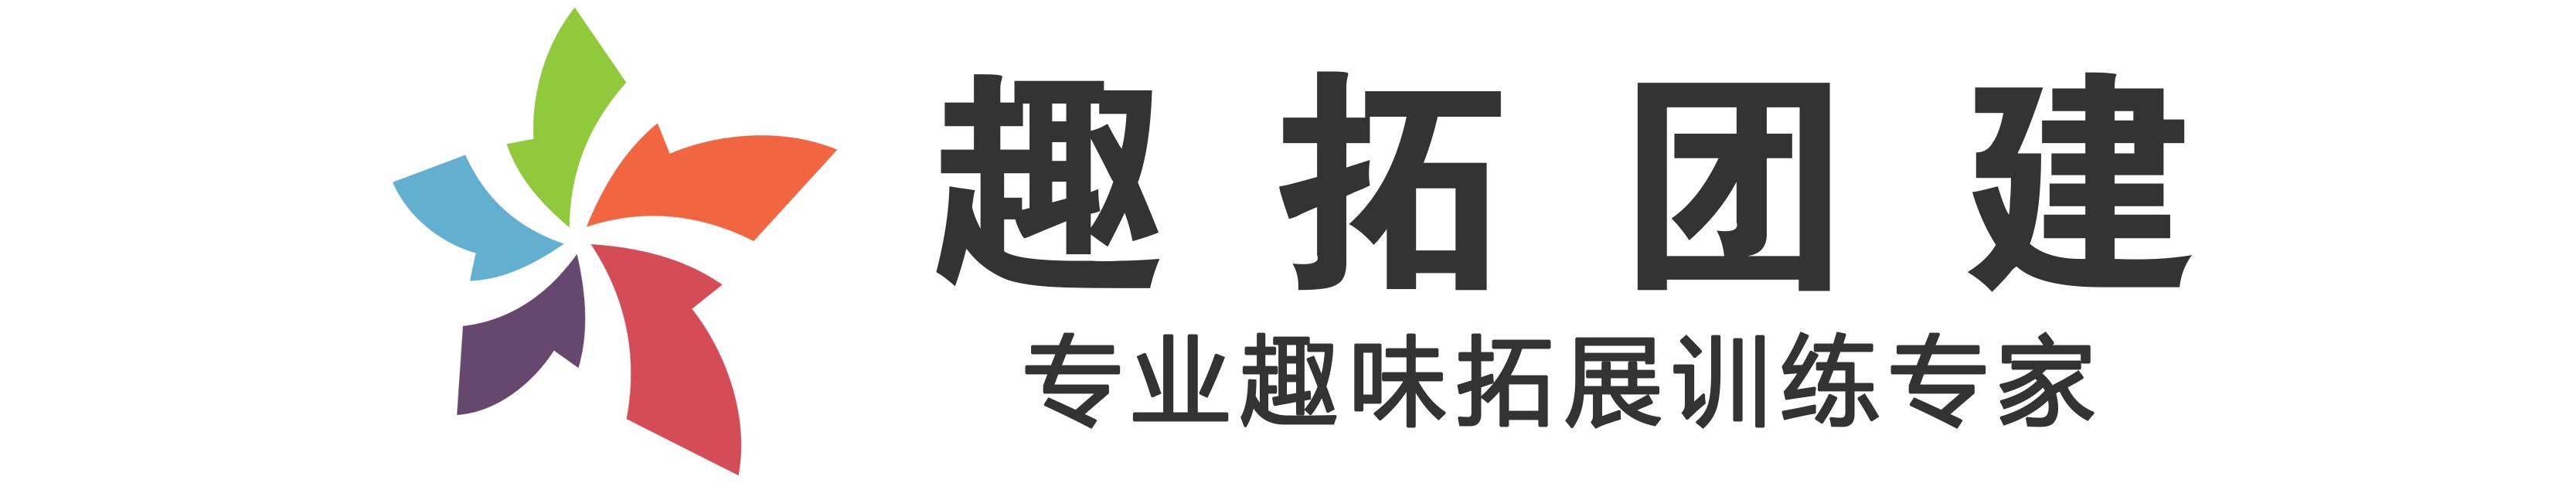 广州拓展训练公司